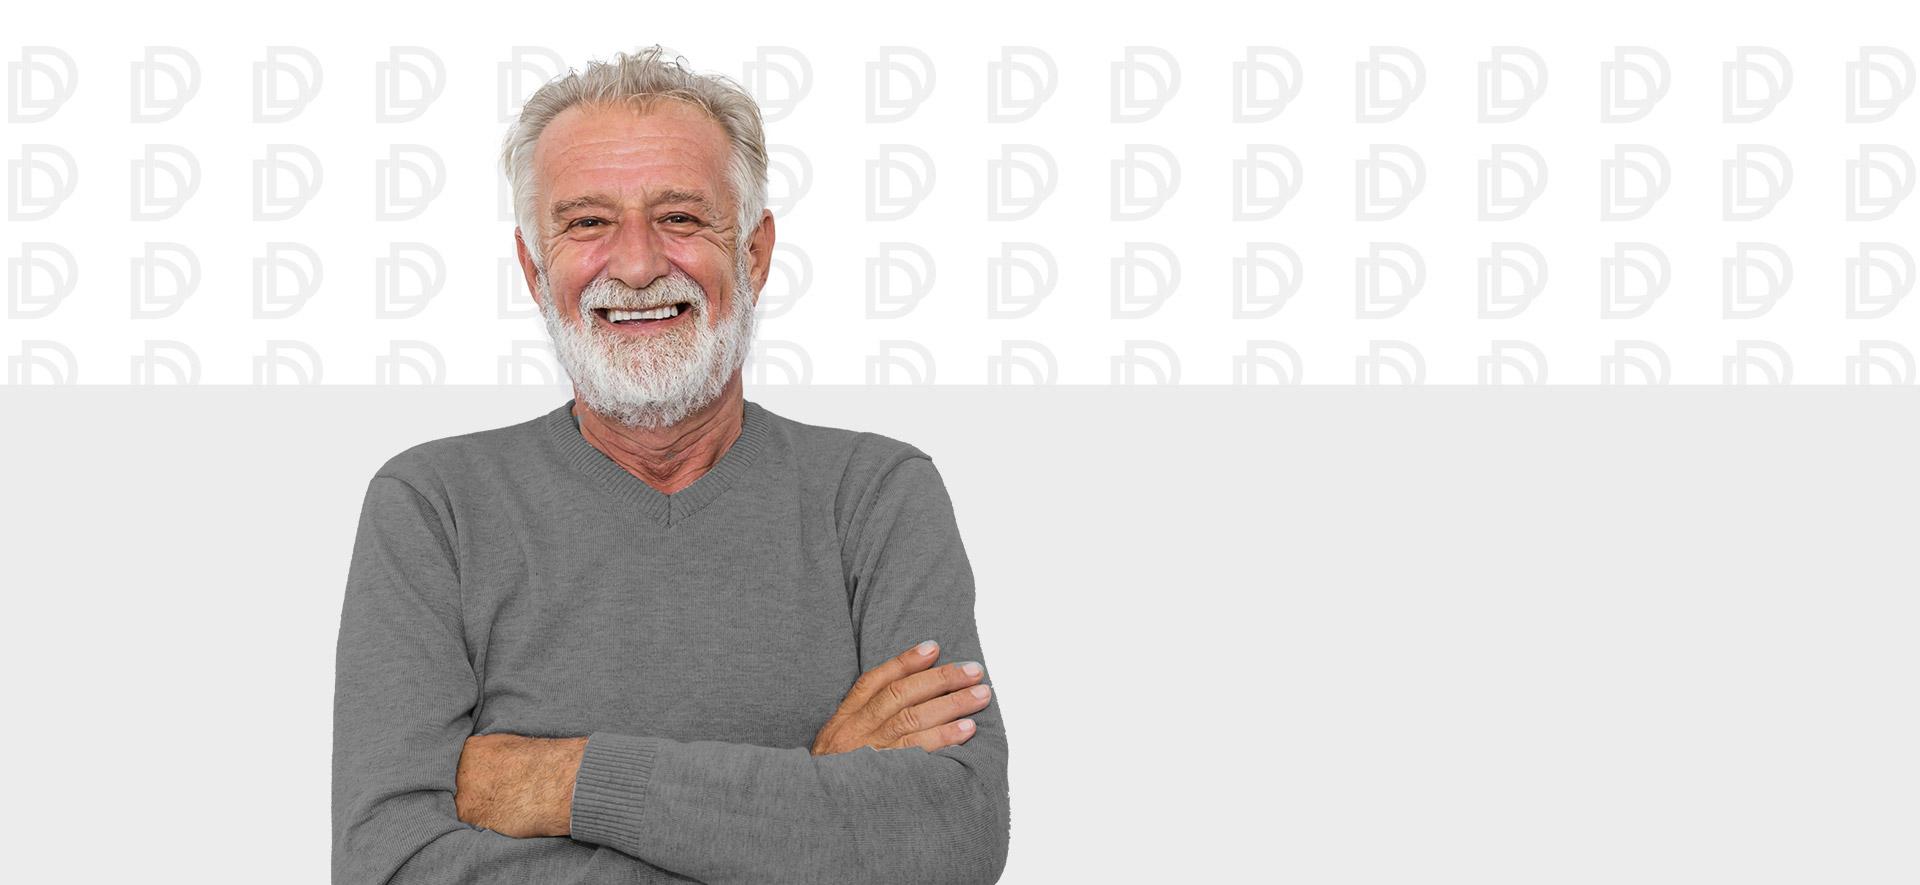 La greffe osseuse: une procédure sécuritaire